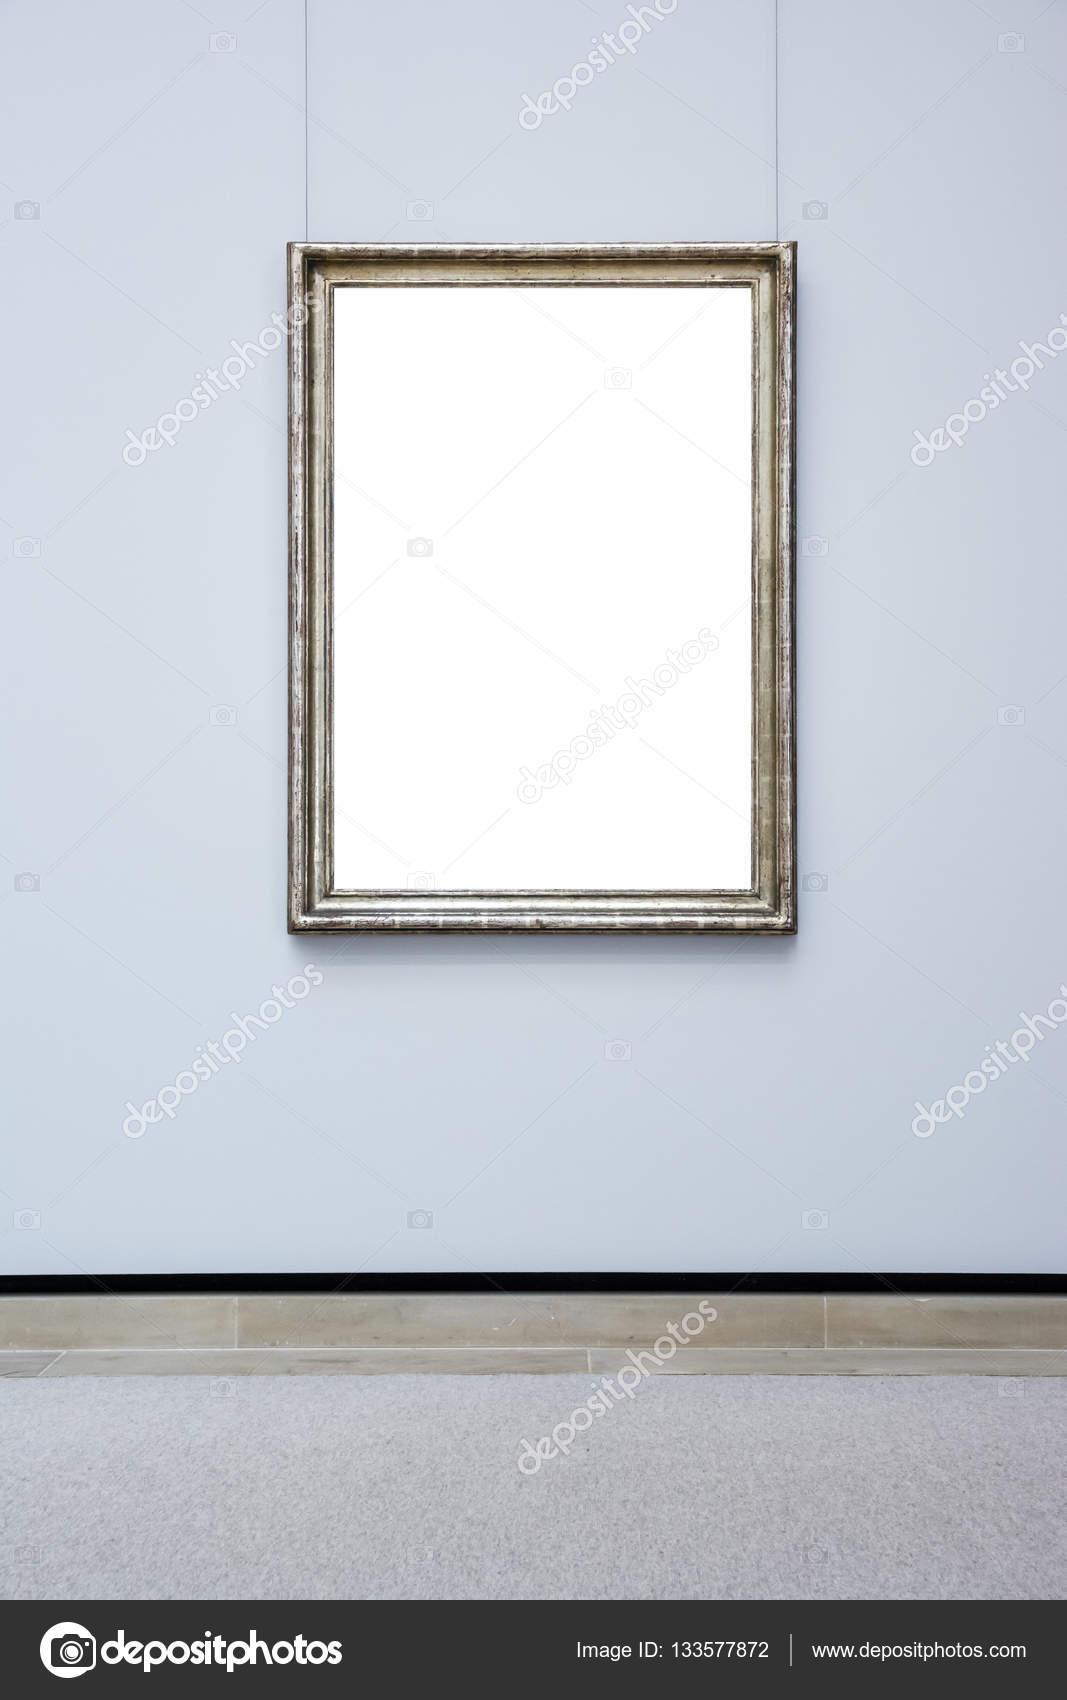 Kunstmuseum Rahmen Blaue Wand Verzierten Minimalistisches Design Weiß  Isoliert U2014 Stockfoto